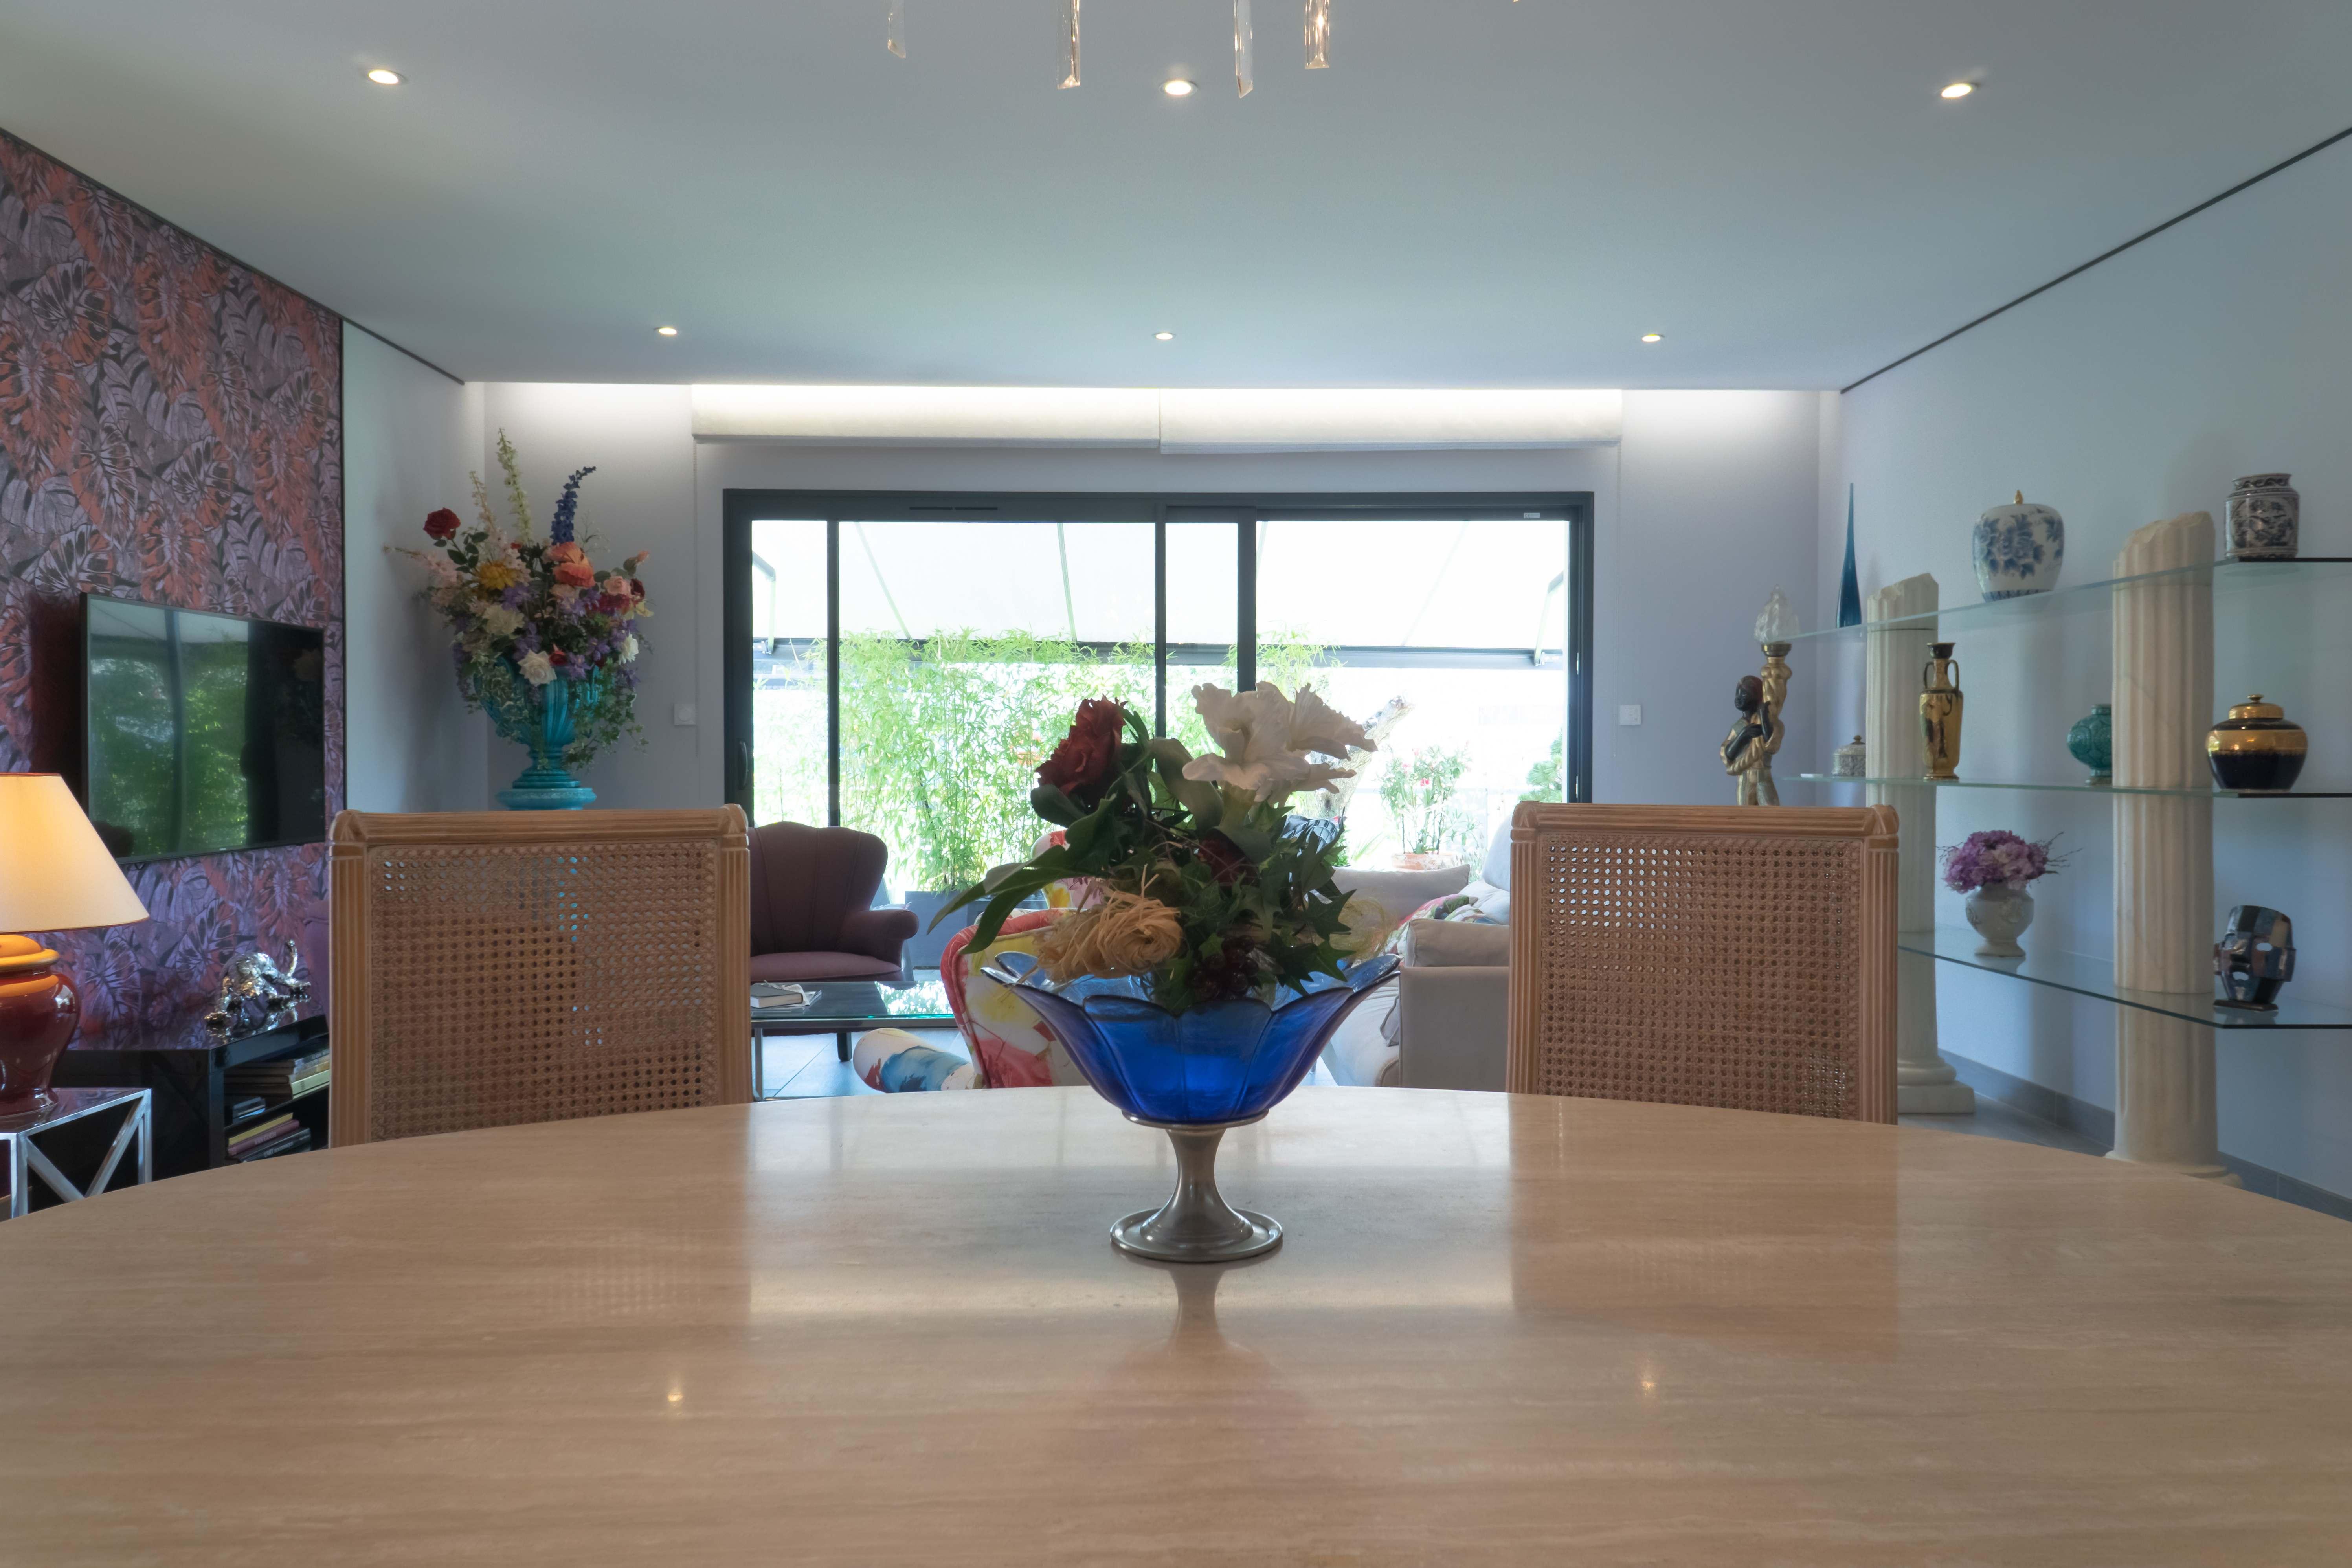 Maisons Bati Sud : Maison contemporaine, tuiles grises - 5